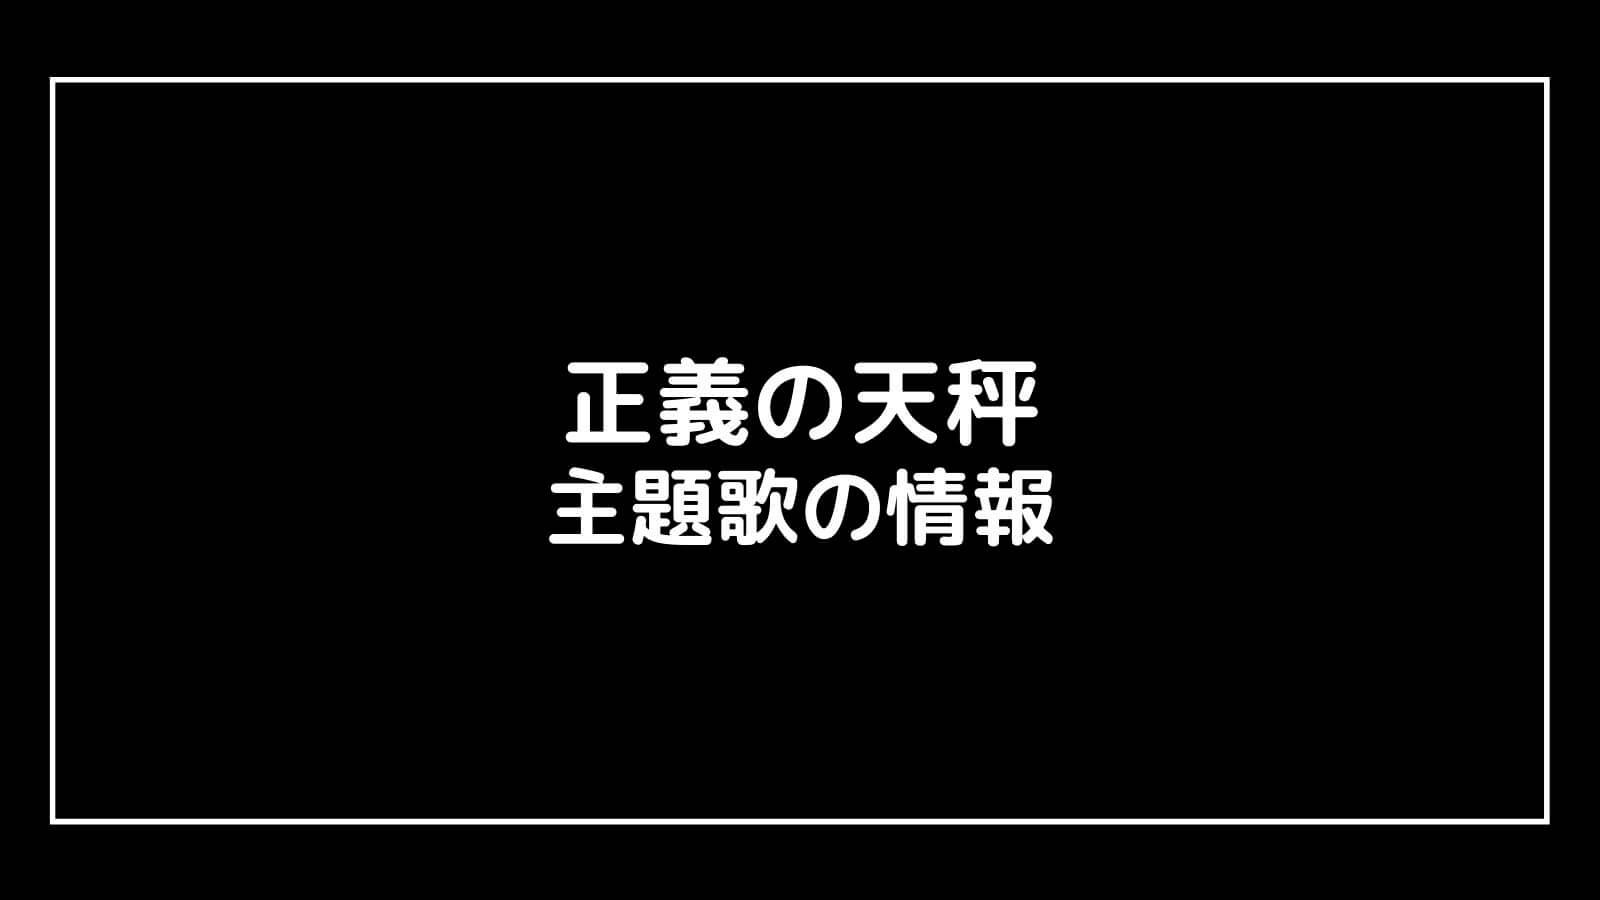 『正義の天秤』の主題歌はKAT-TUN?予想と現在わかっている情報まとめ